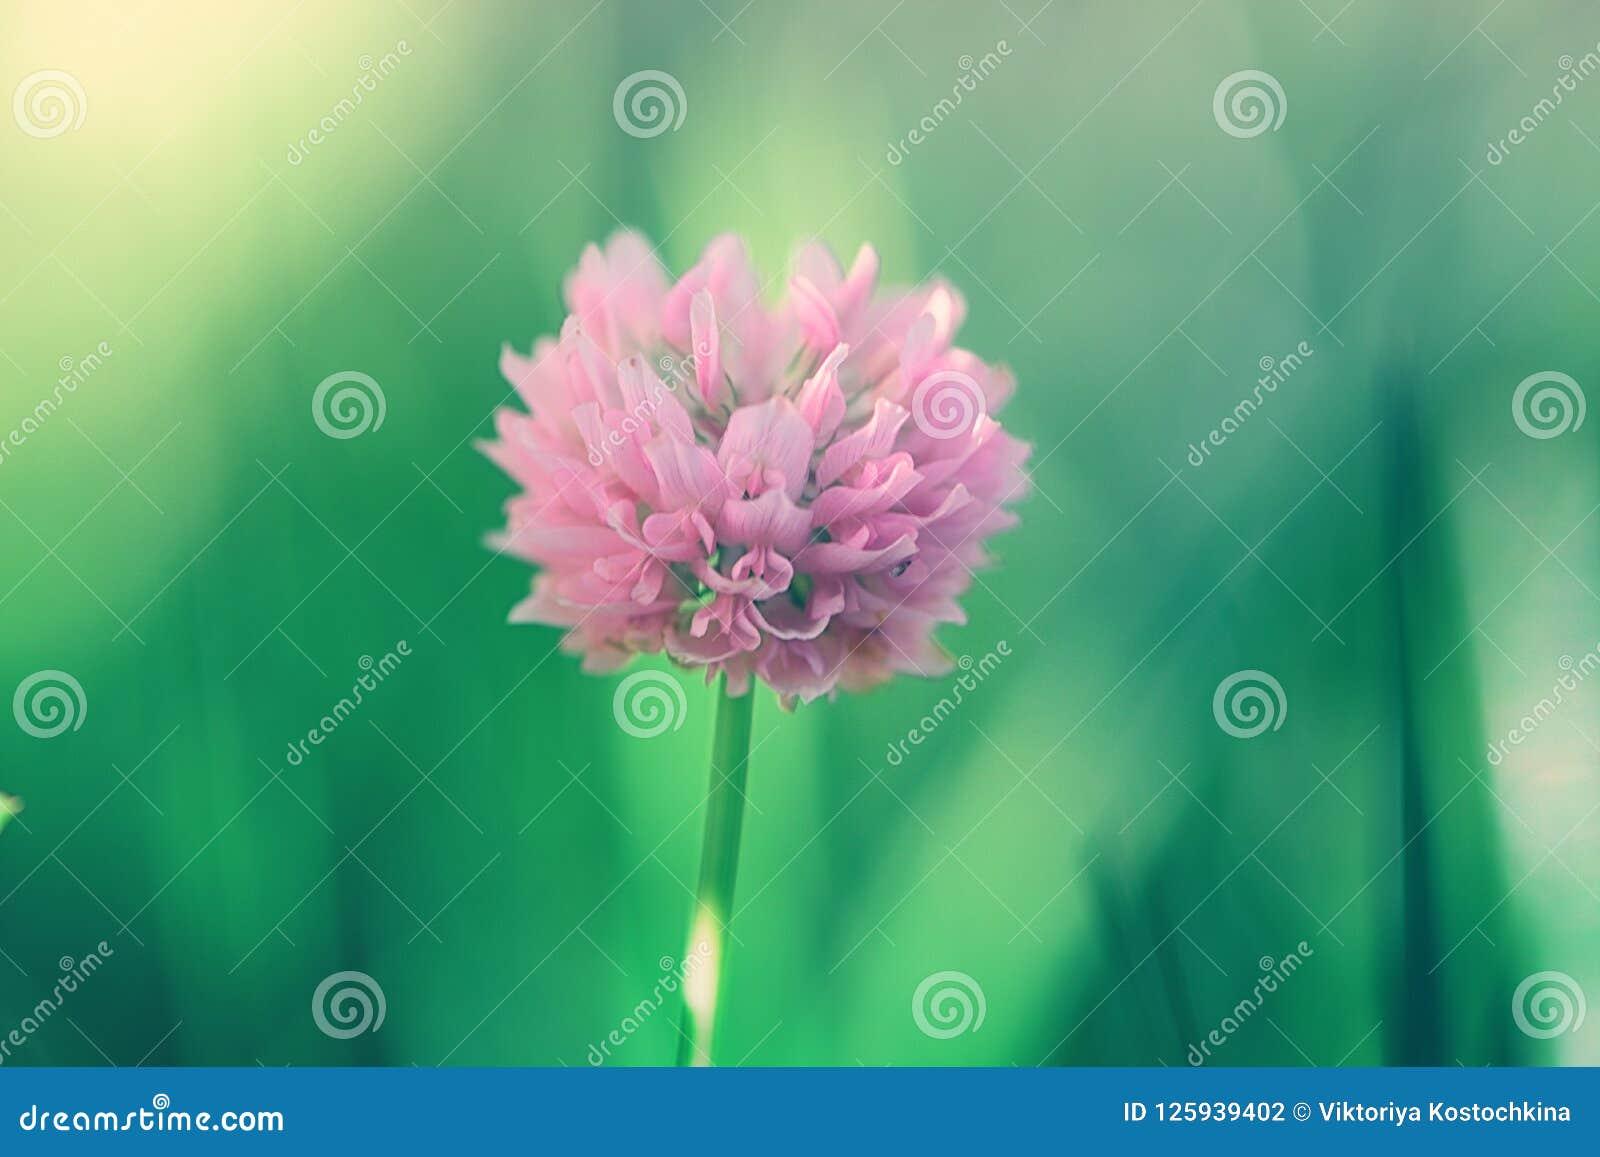 Pink clover in a green grass